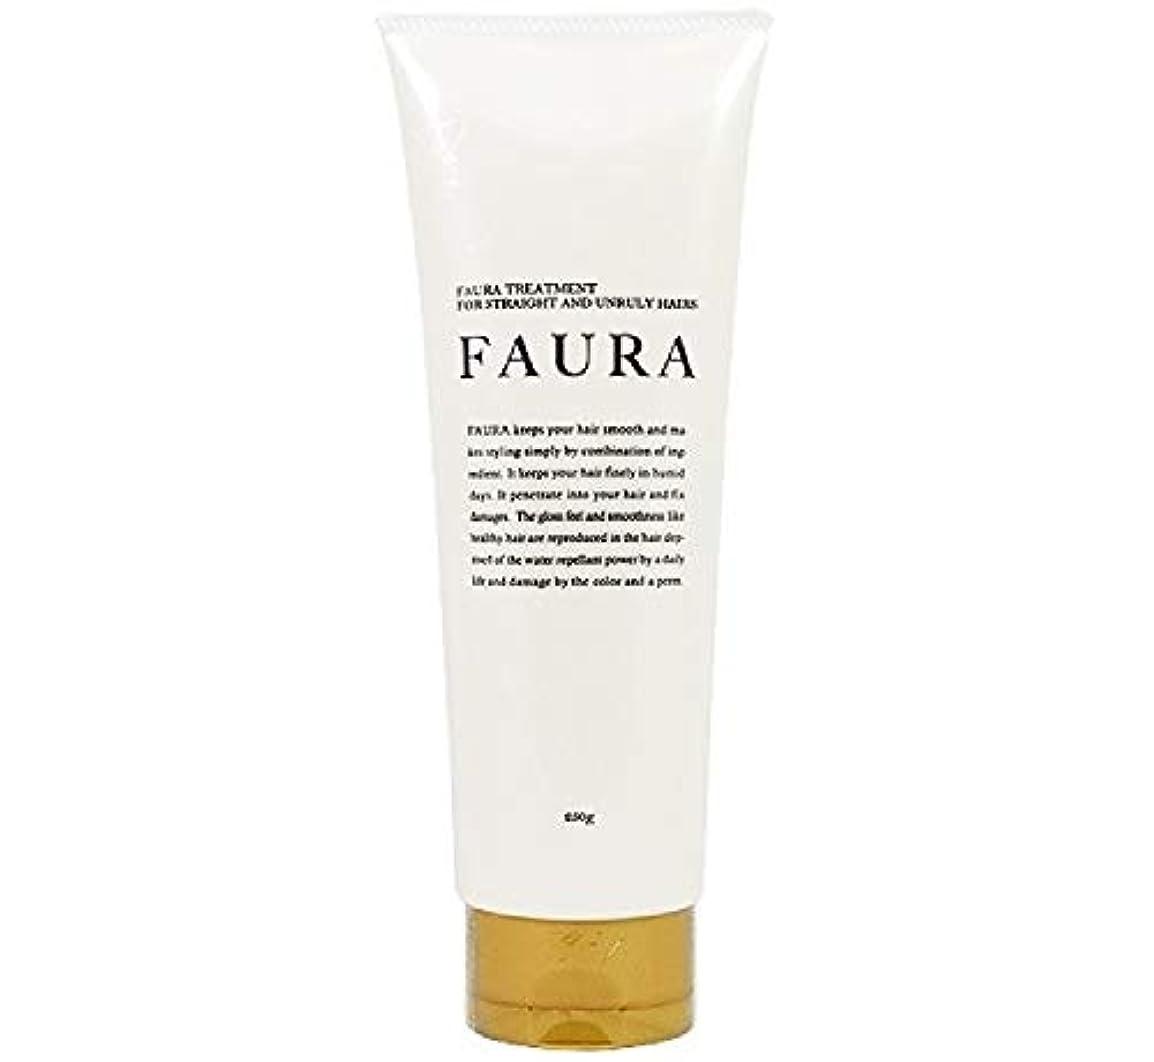 がっかりしたエラー投票【発売1年で3万本の売上】FAURA ファウラ ヘアトリートメント (傷んだ髪に) 250g 【サロン専売品】